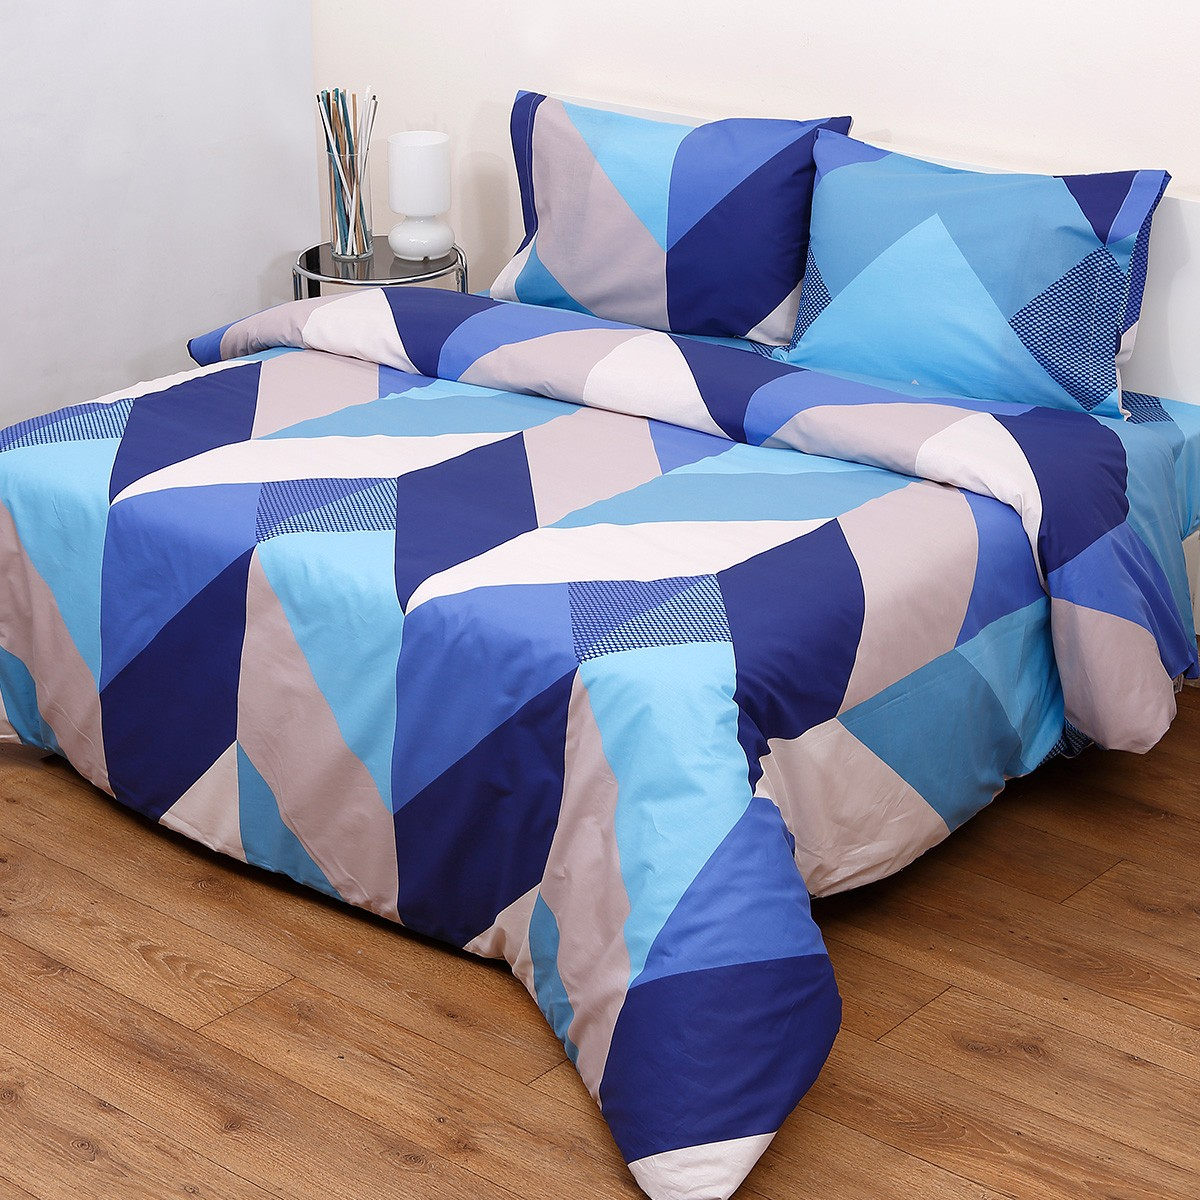 Σεντόνια Ημίδιπλα (Σετ) Viopros Fresh Ένζο Μπλε 71822